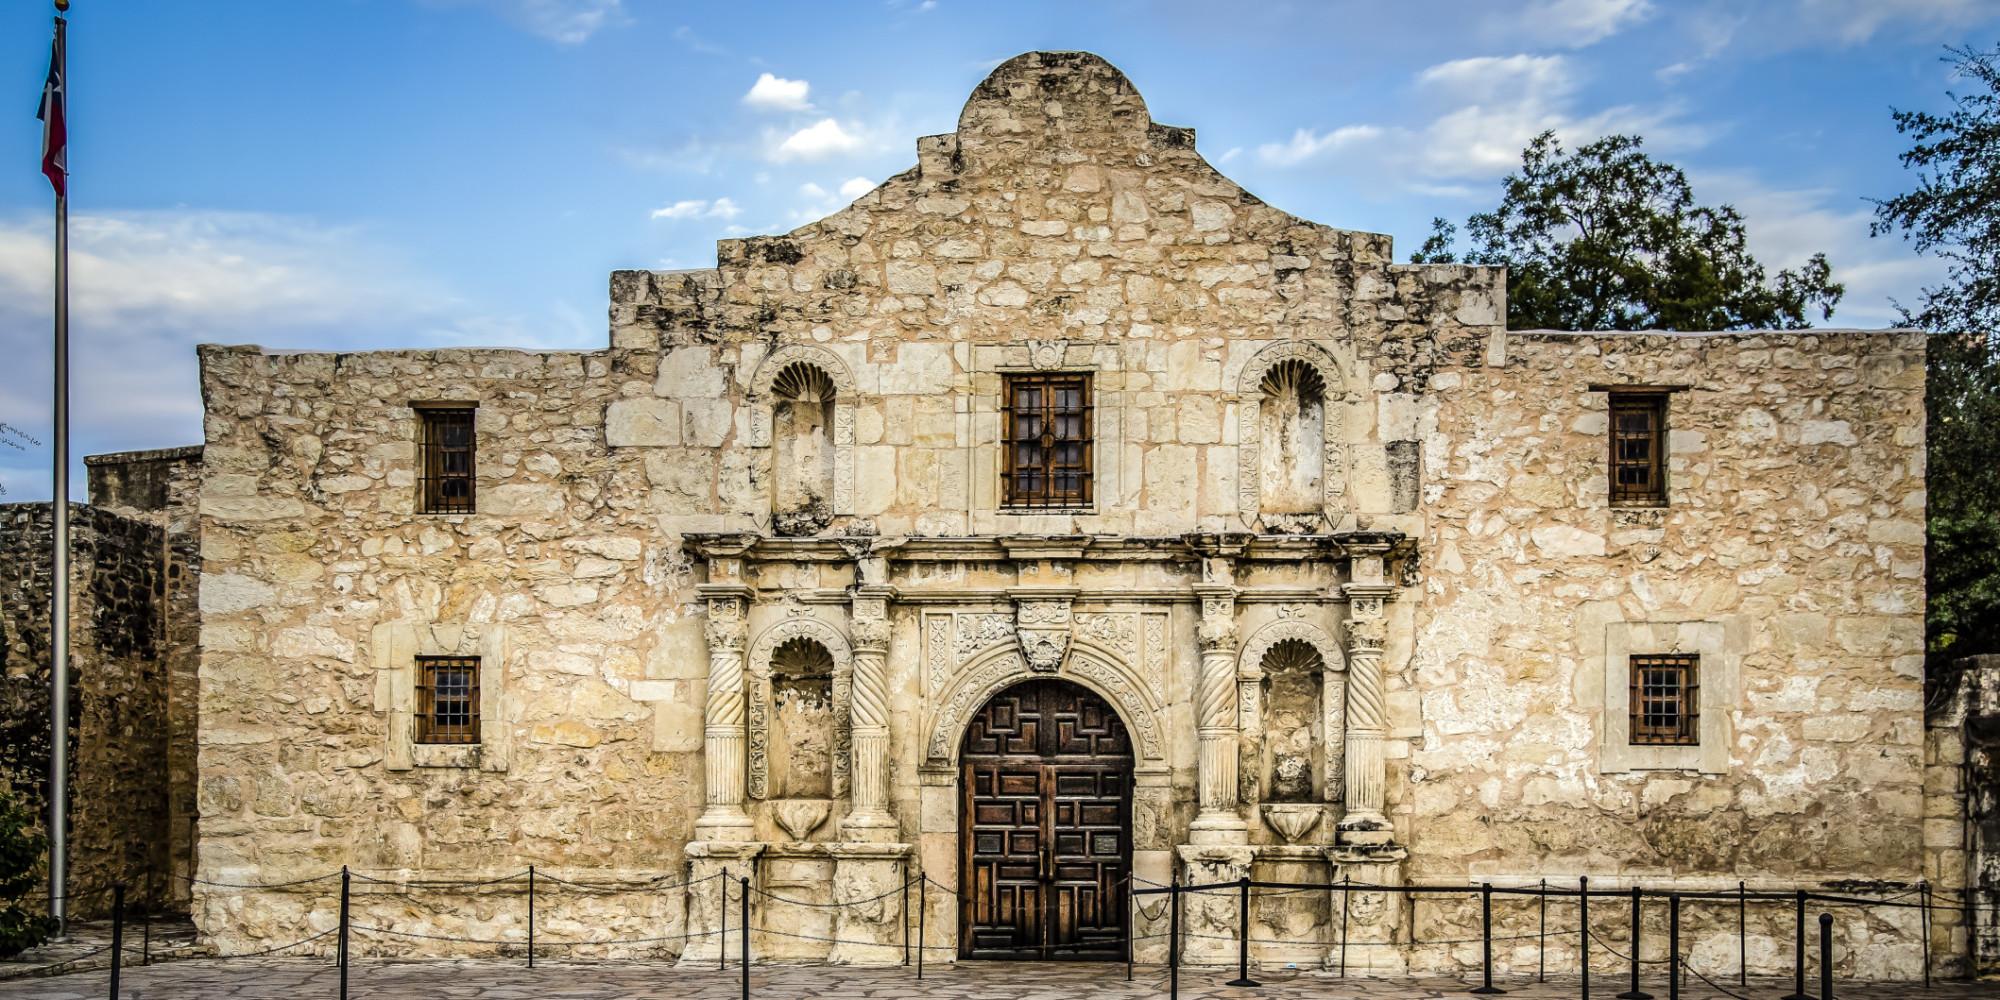 Un Won T Take Over Alamo George P Bush Assures Texas